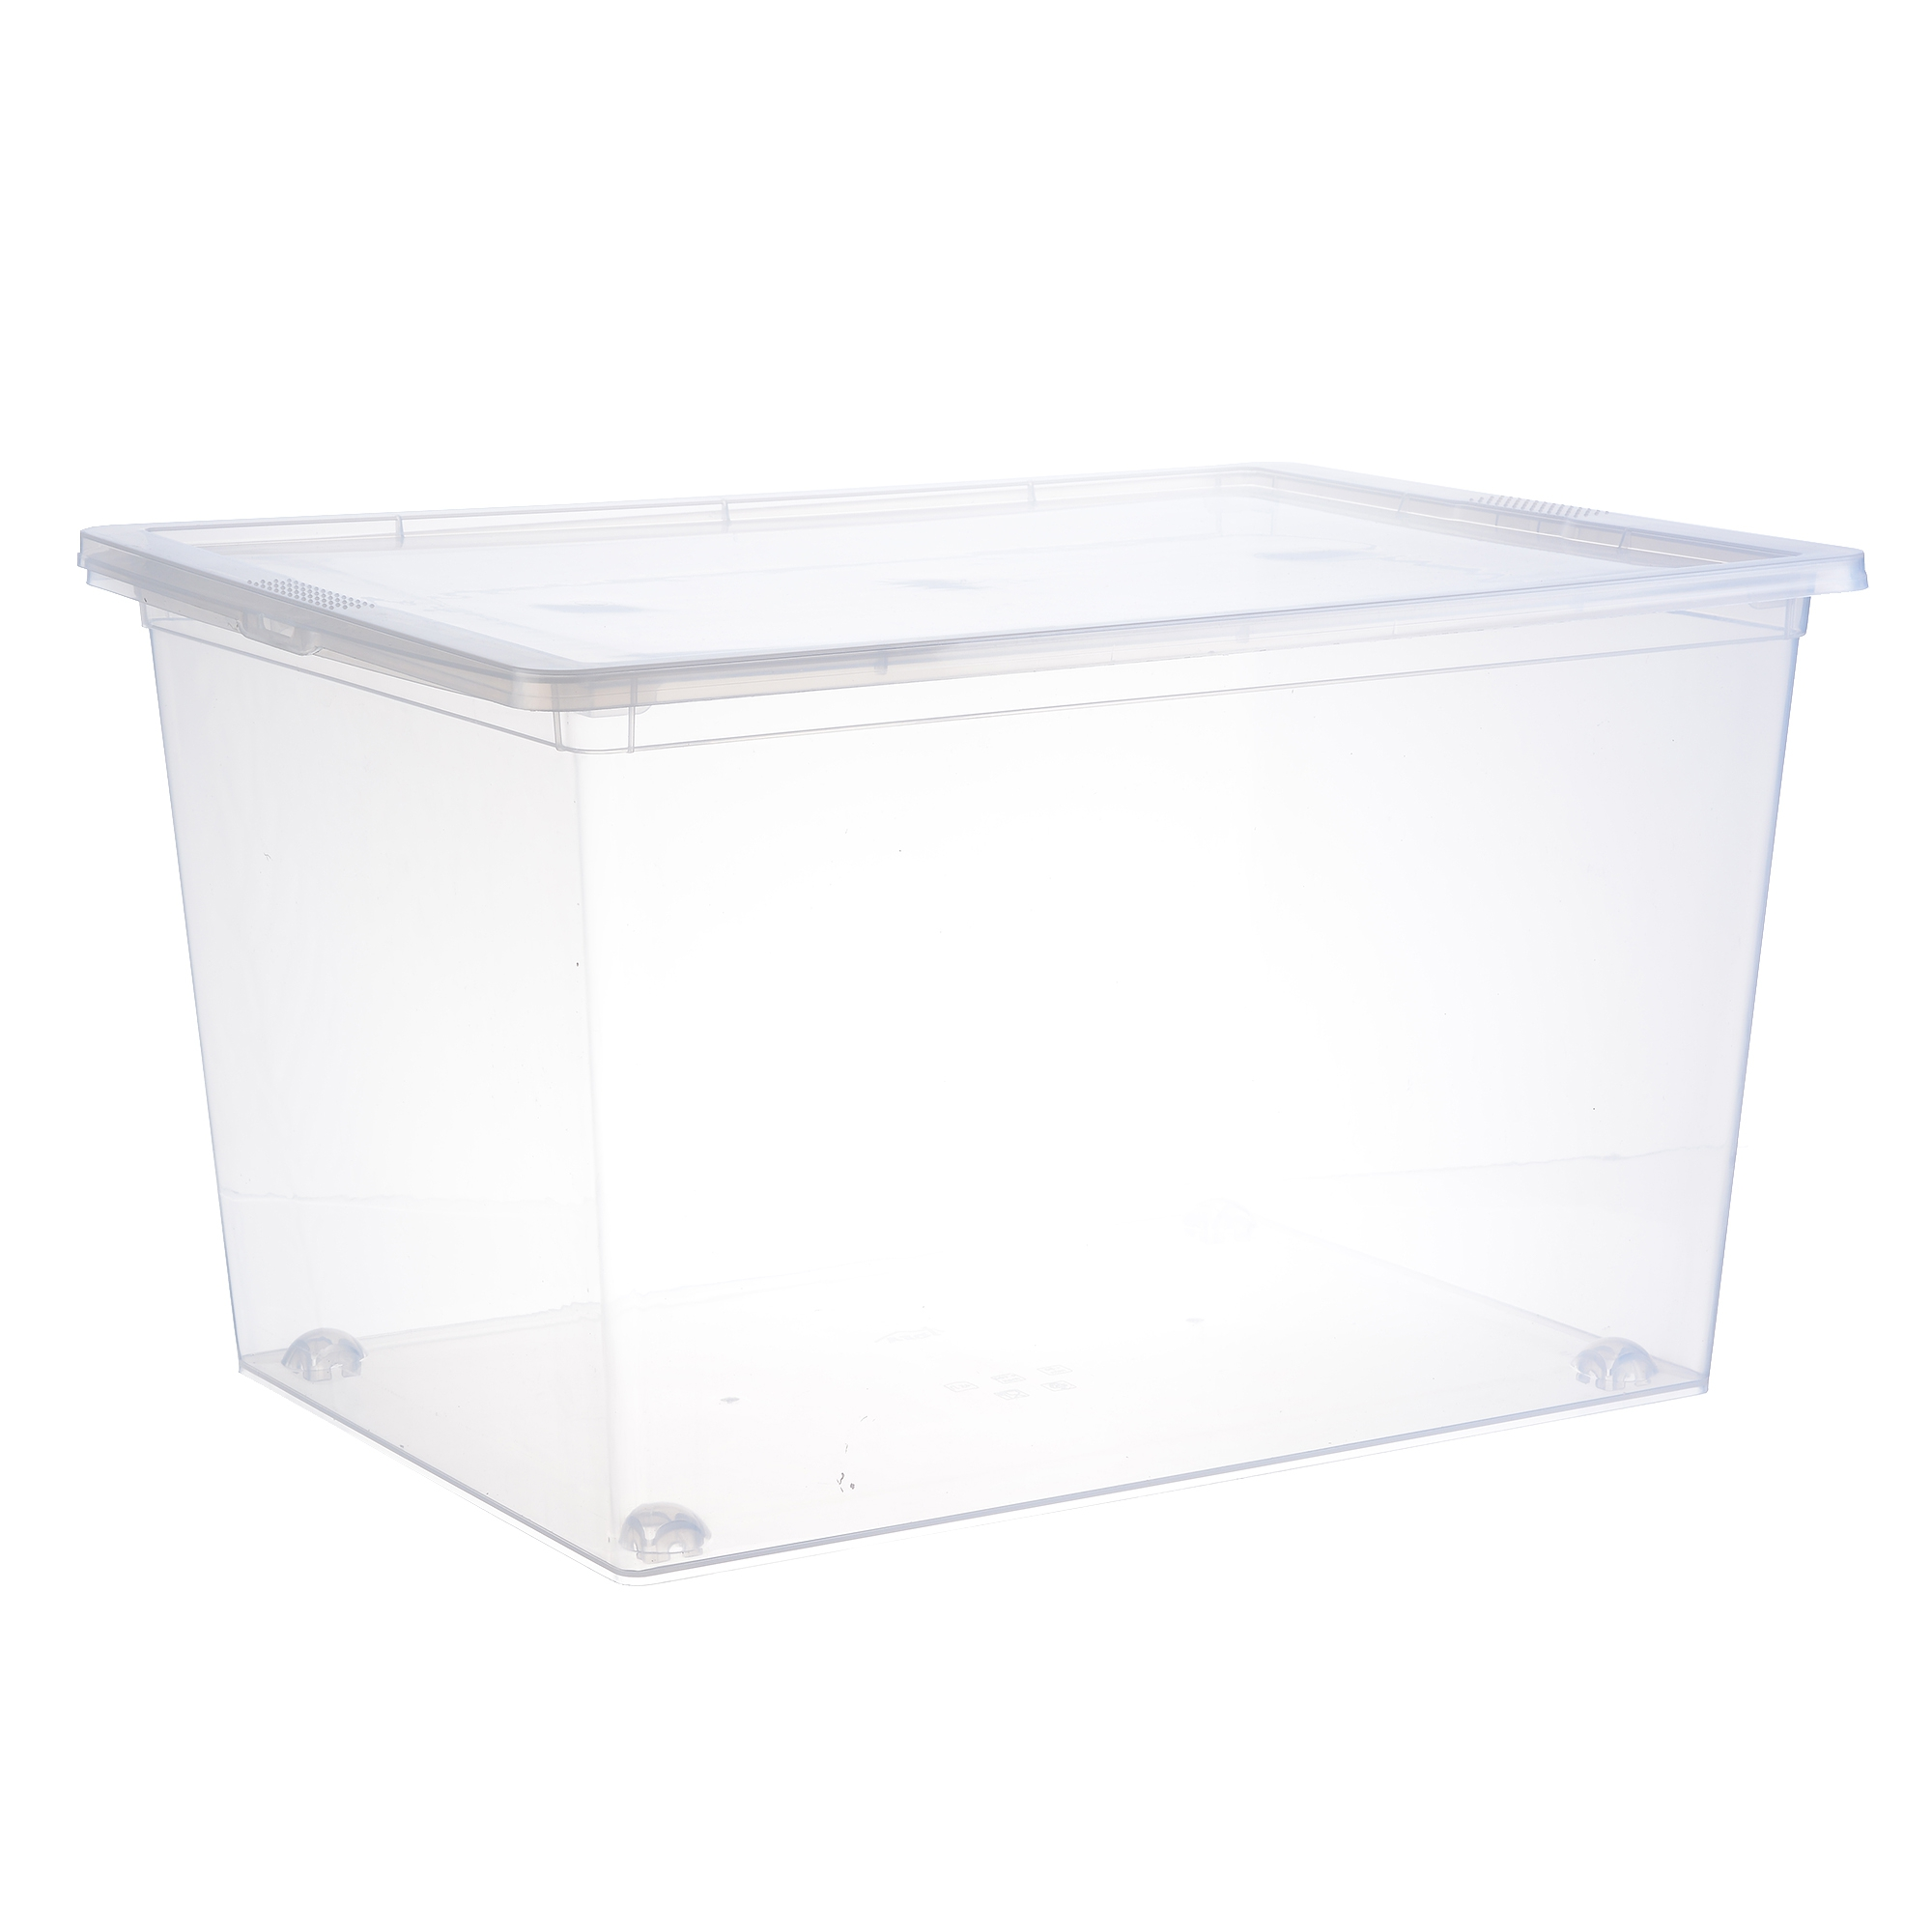 Ящики и корзины для игрушек IDEA Ящик для игрушек IDEA , 50 л ящик для хранения idea цвет прозрачный 10 л м 2352